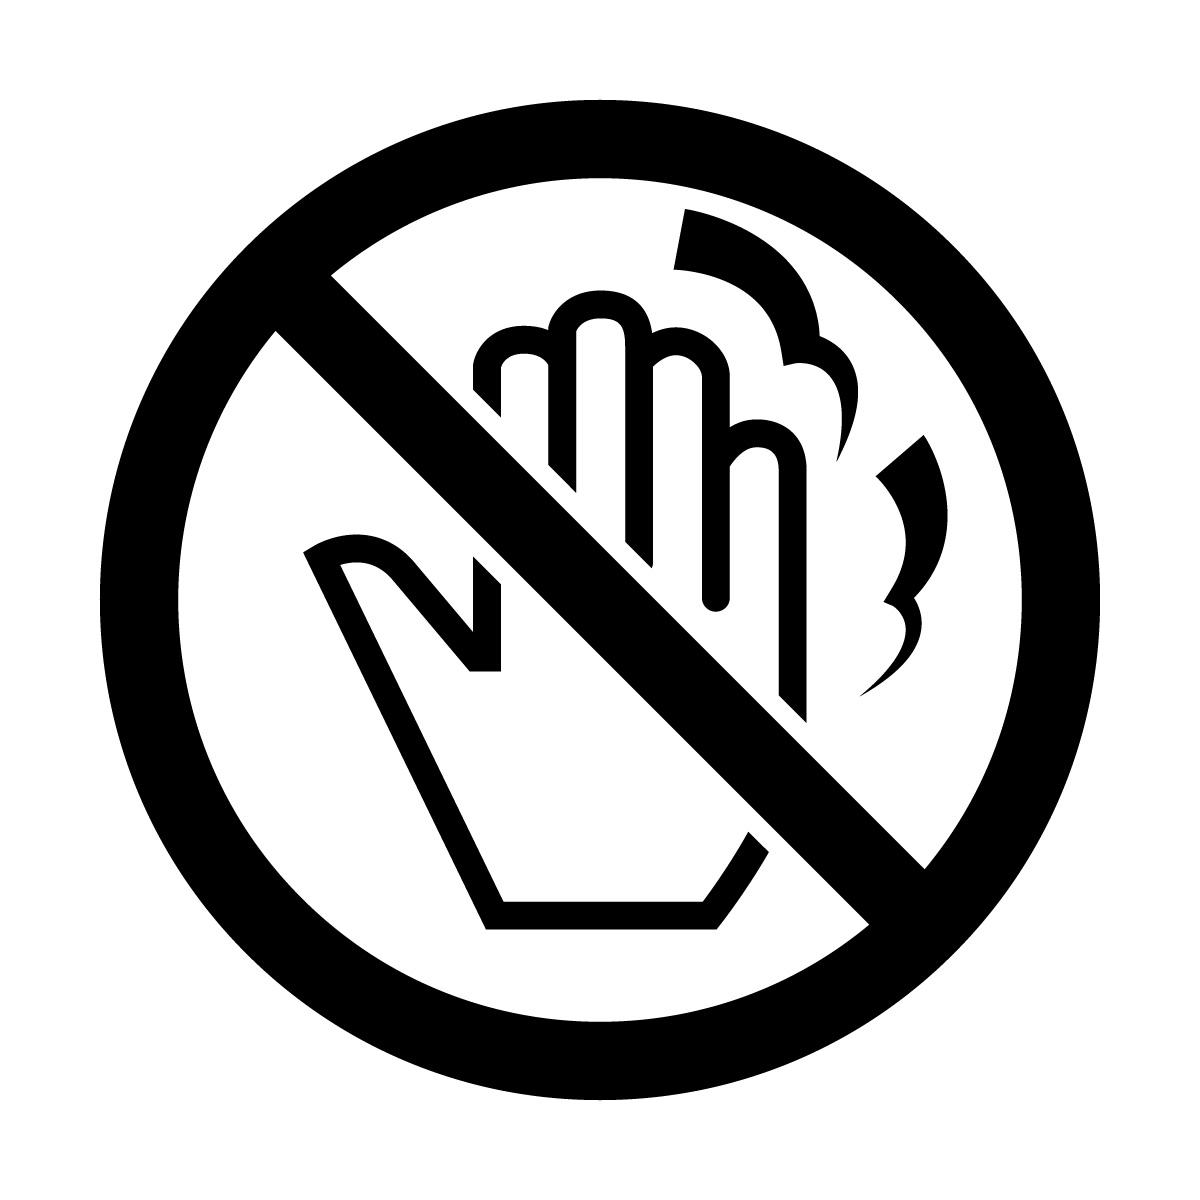 黒色の高温・火傷・さわるな禁止マークのカッティングステッカー・シール